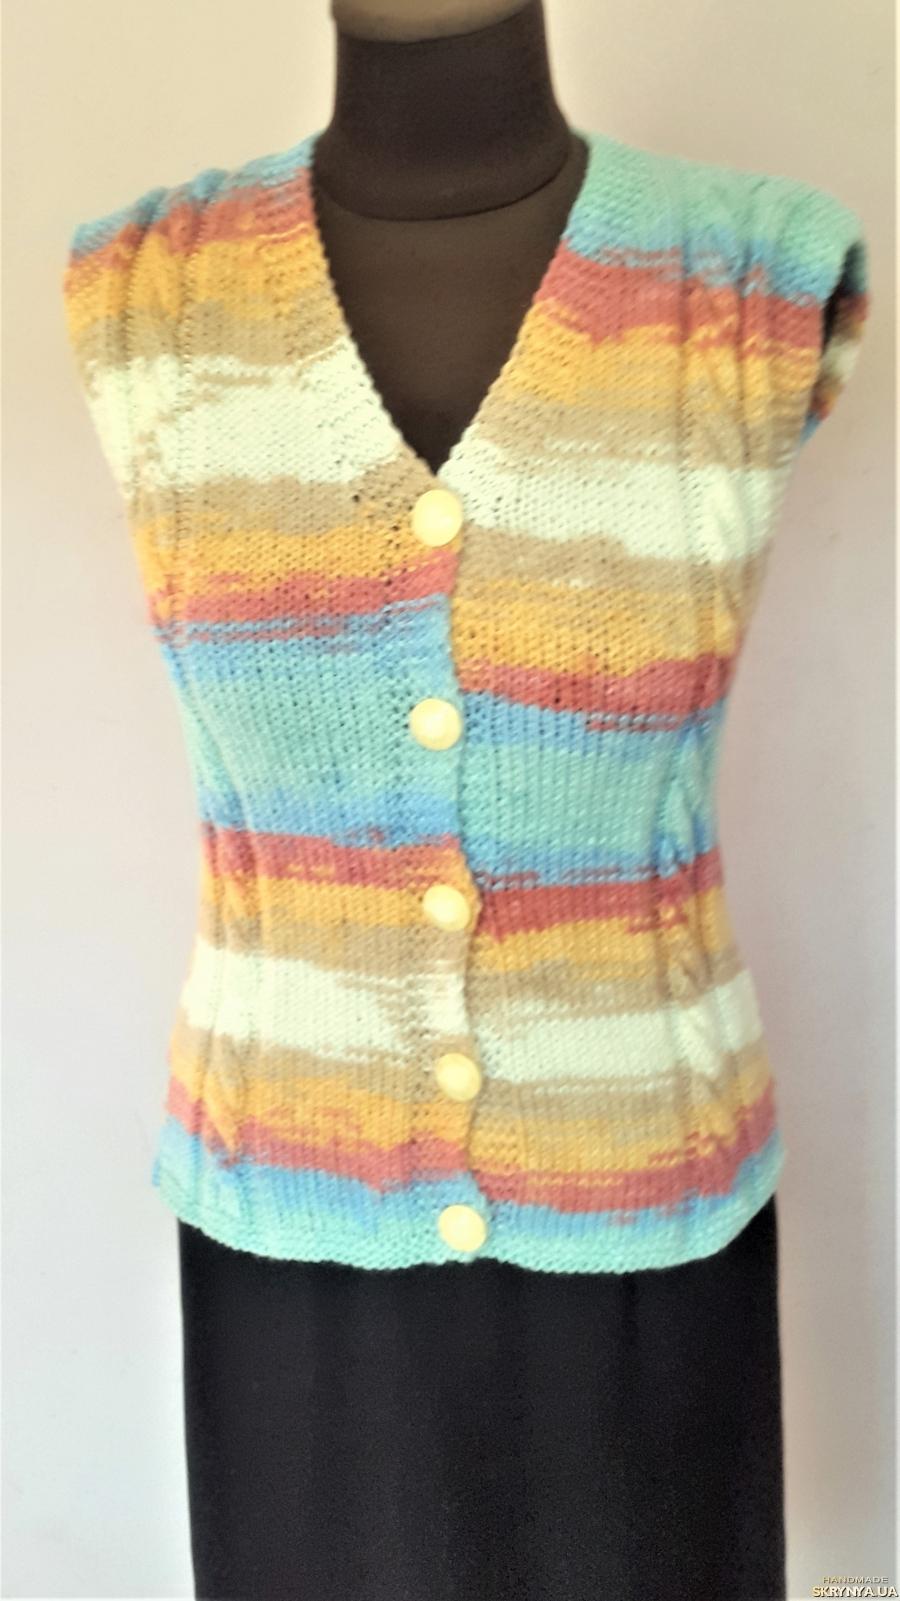 тут изображено Стильная теплая женская жилетка ручной работа, градиент, размер 40-42.